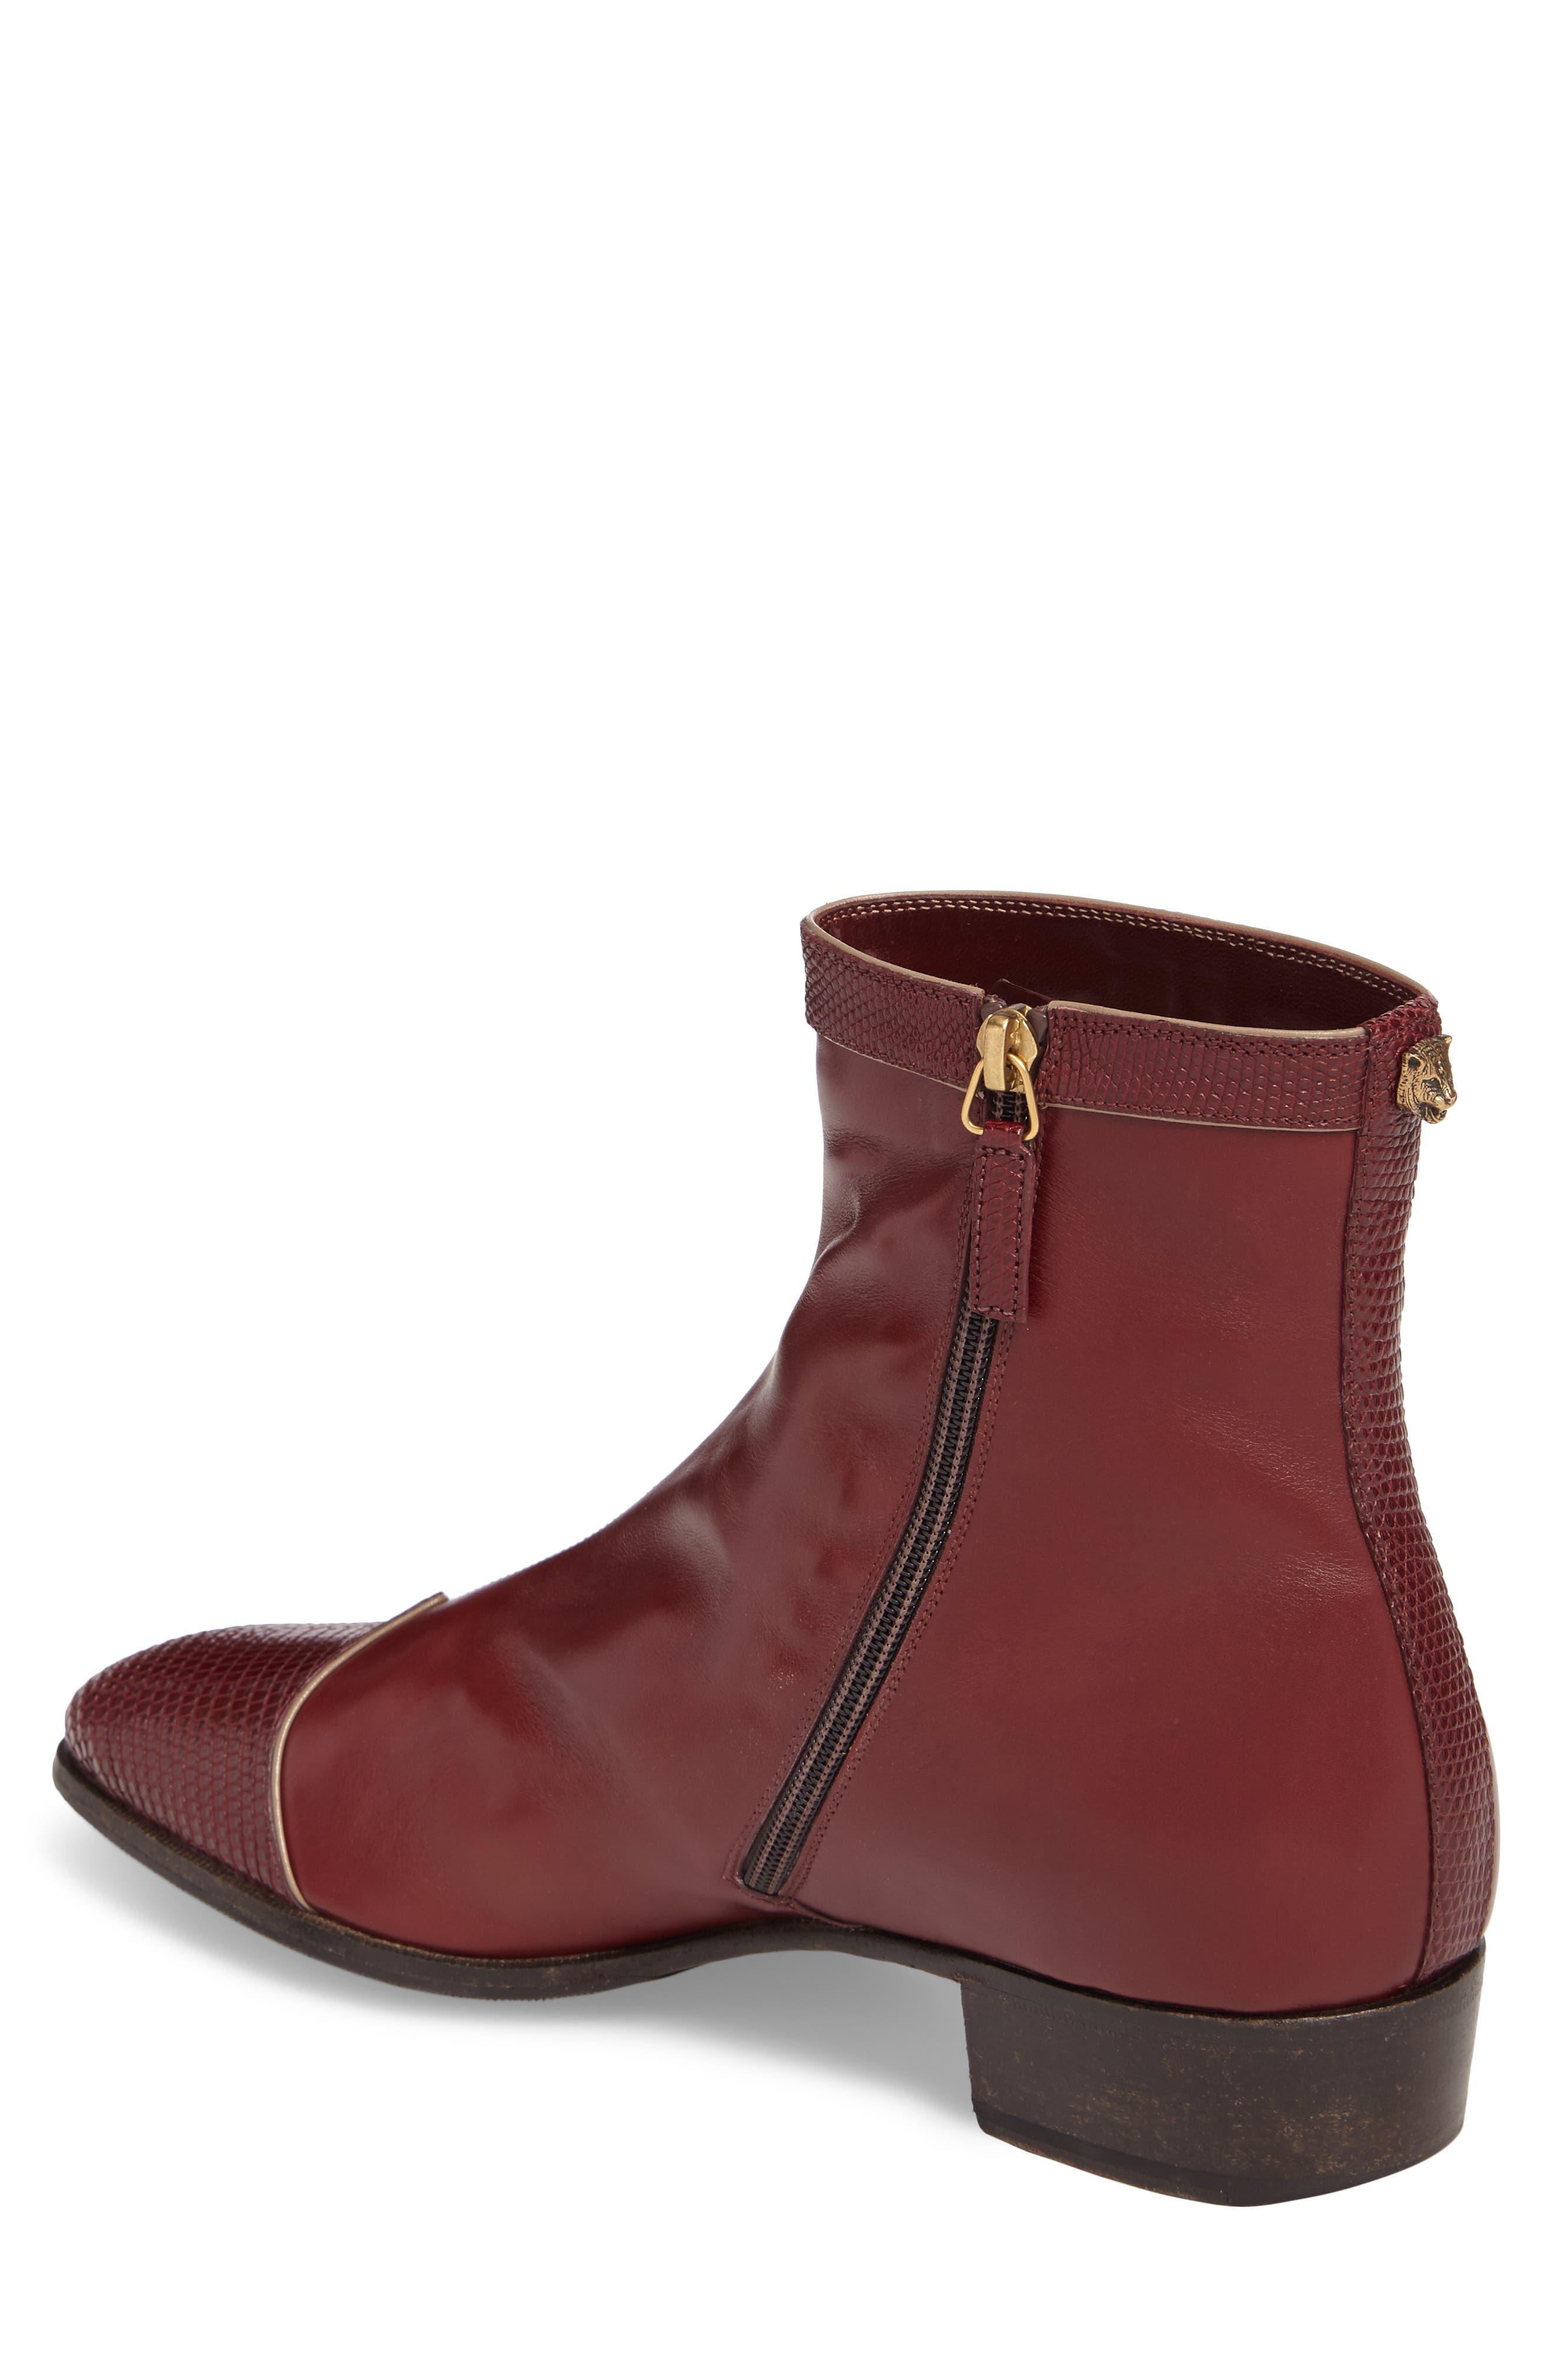 Dragon Leather Boot,                             Alternate thumbnail 2, color,                             BORDEAUX